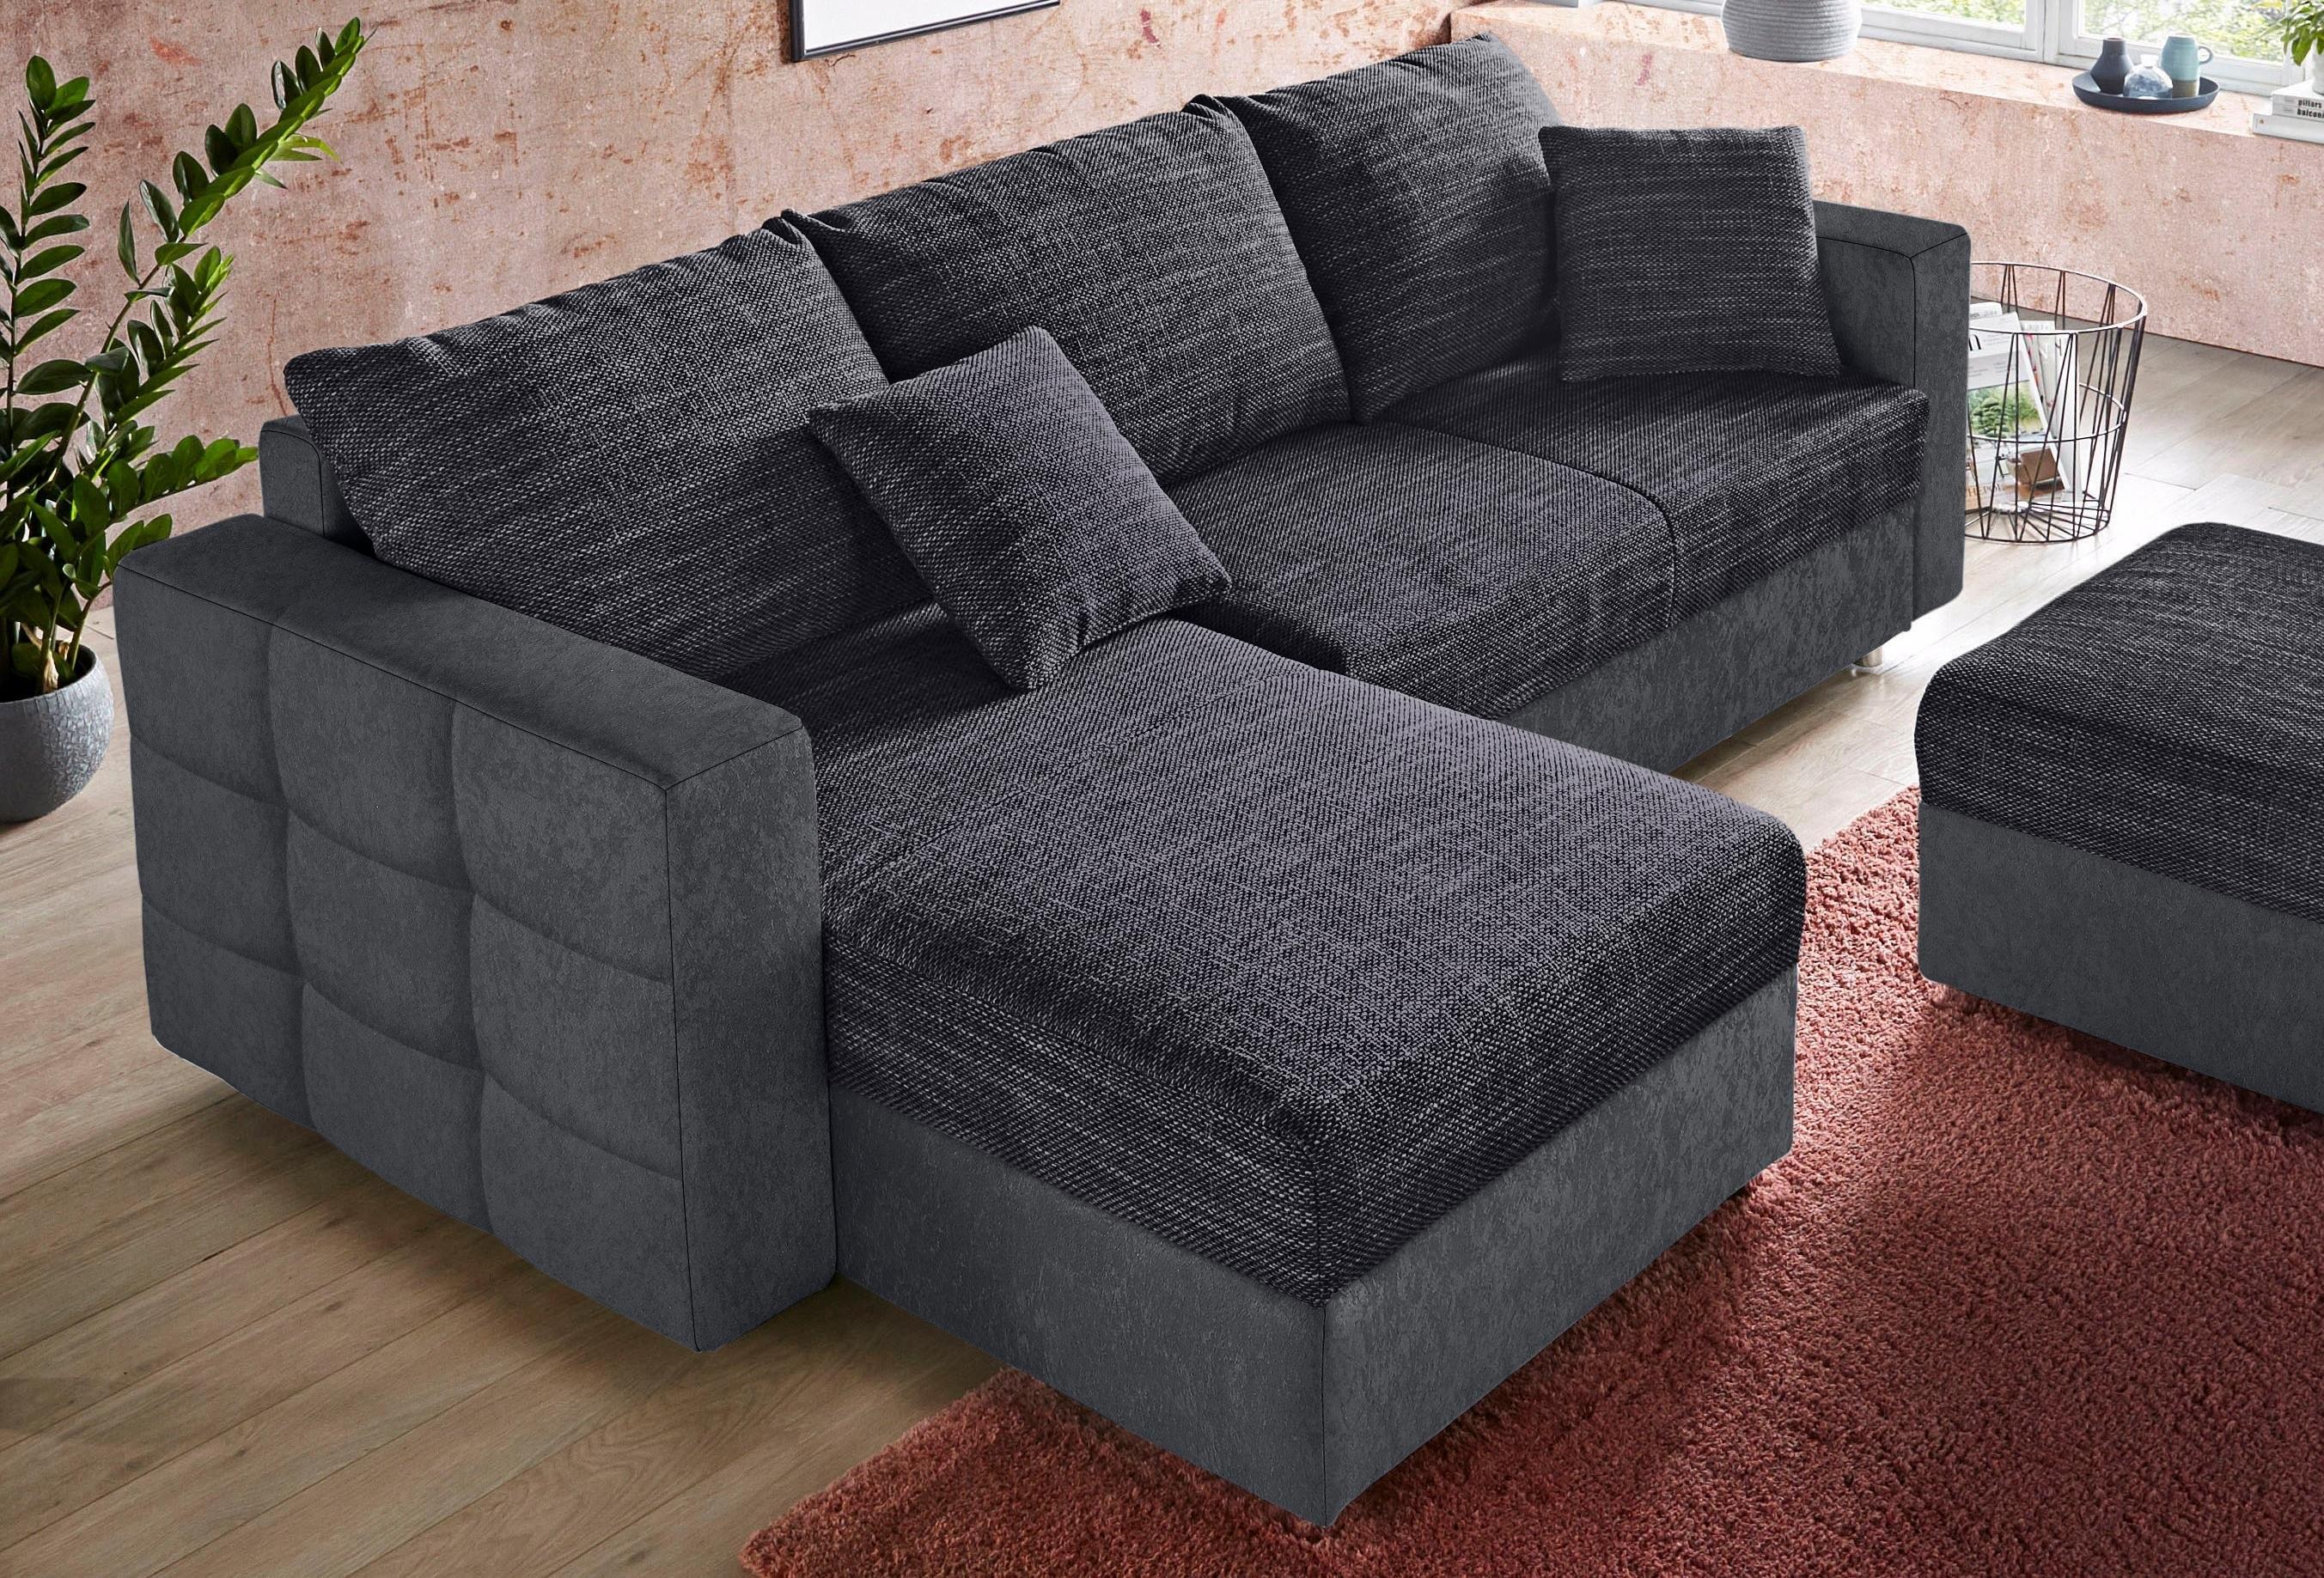 Sit&more hoekbank, met slaapfunctie en bedkist veilig op otto.nl kopen